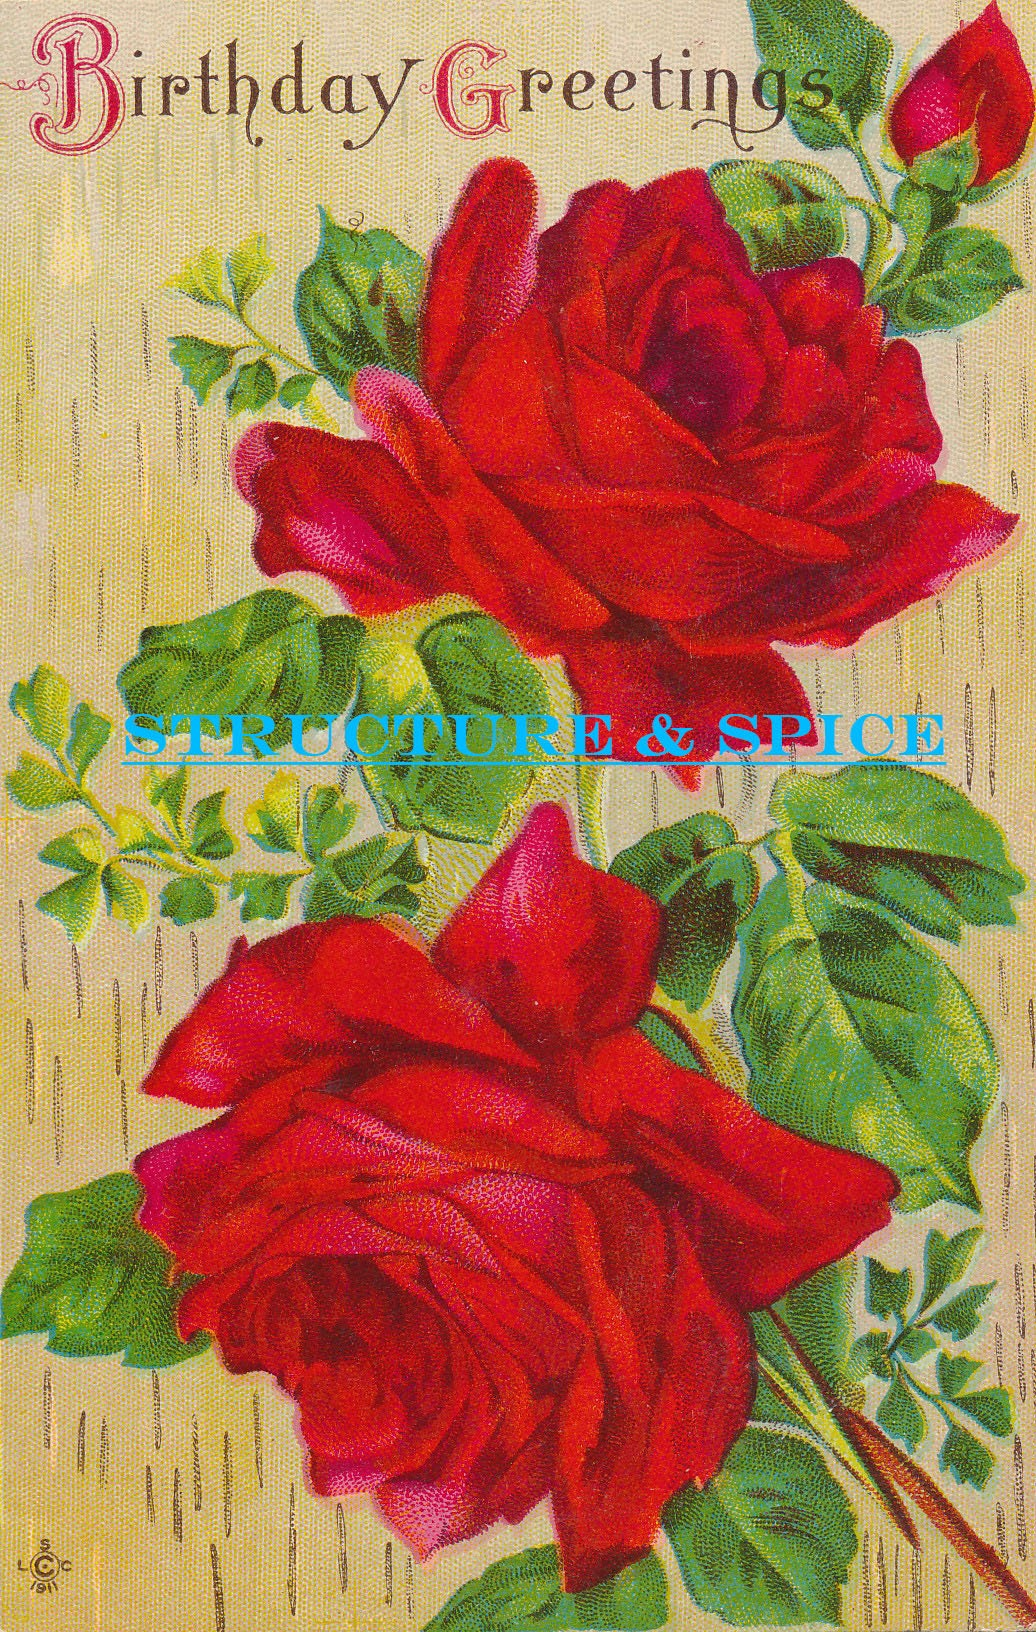 Antique Joyeux Anniversaire Carte Postale Avec Belle Fleur De Rose Rouge Et Voeux Danniversaire Cette Carte Est Circa Le Début Des Années 1900